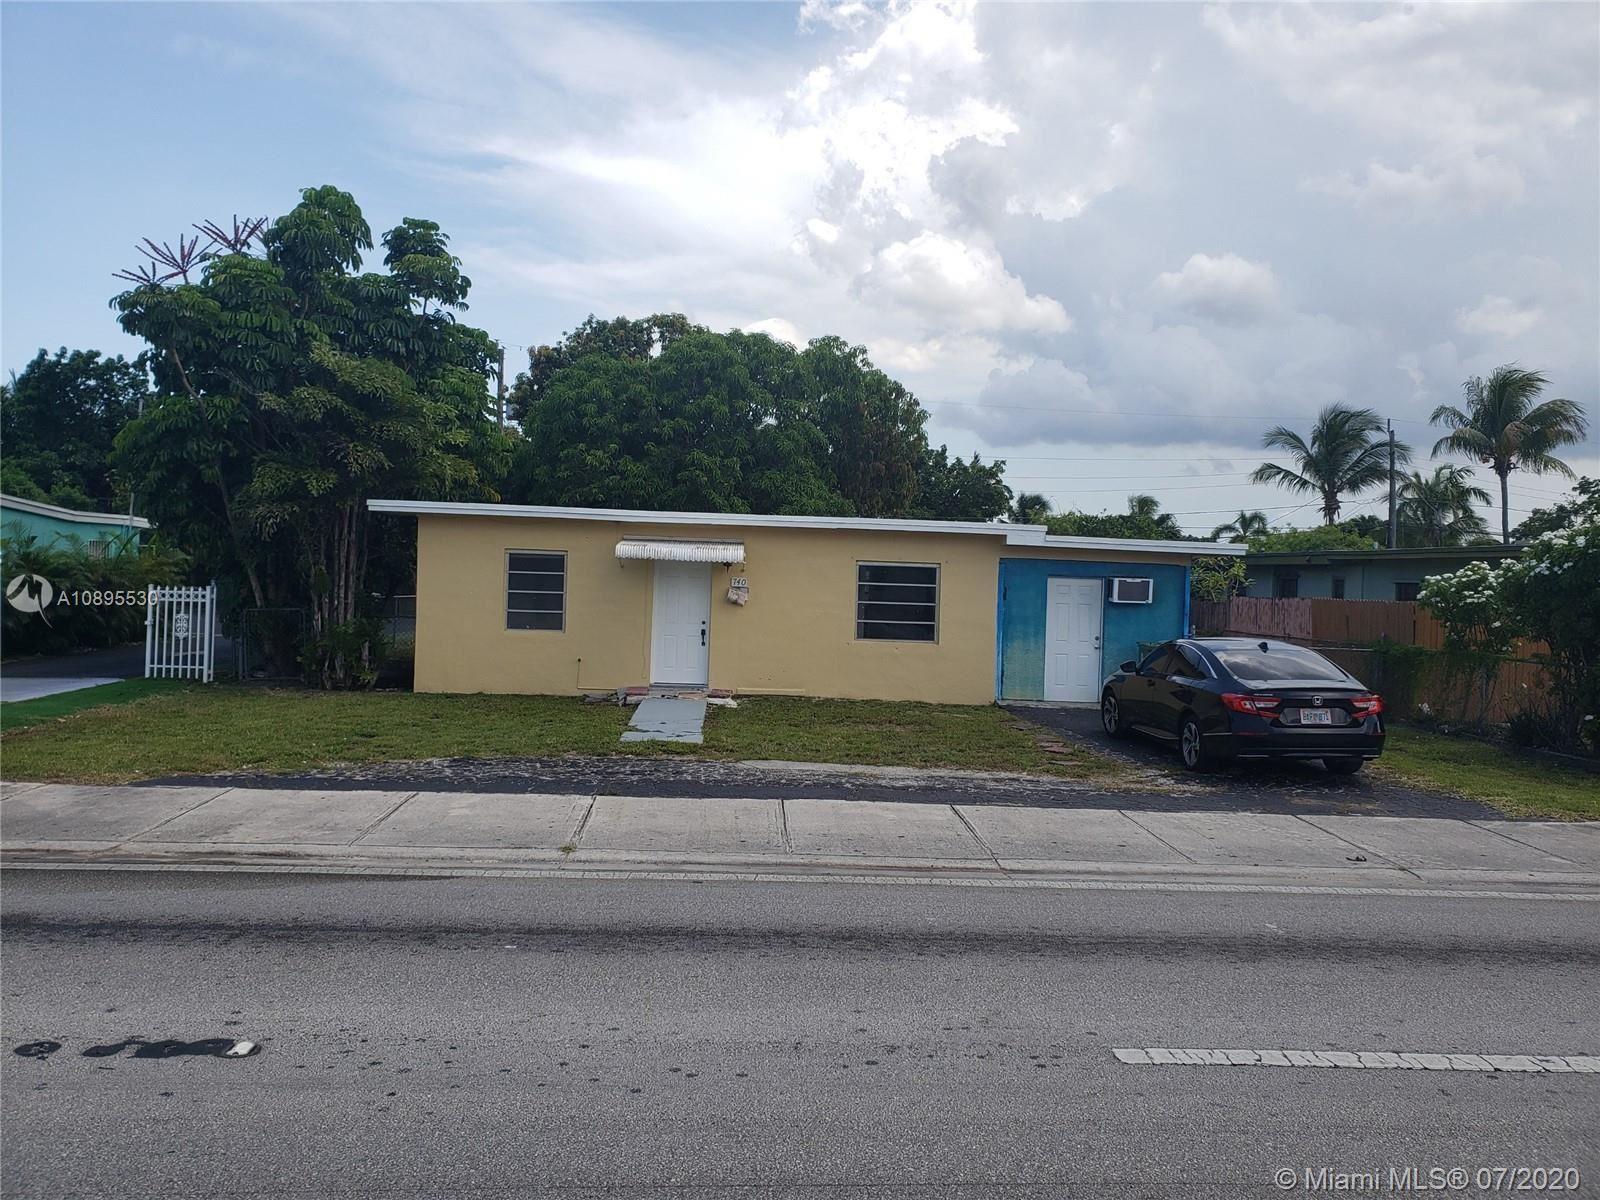 740 E 49th St, Hialeah, FL 33013 - #: A10895530